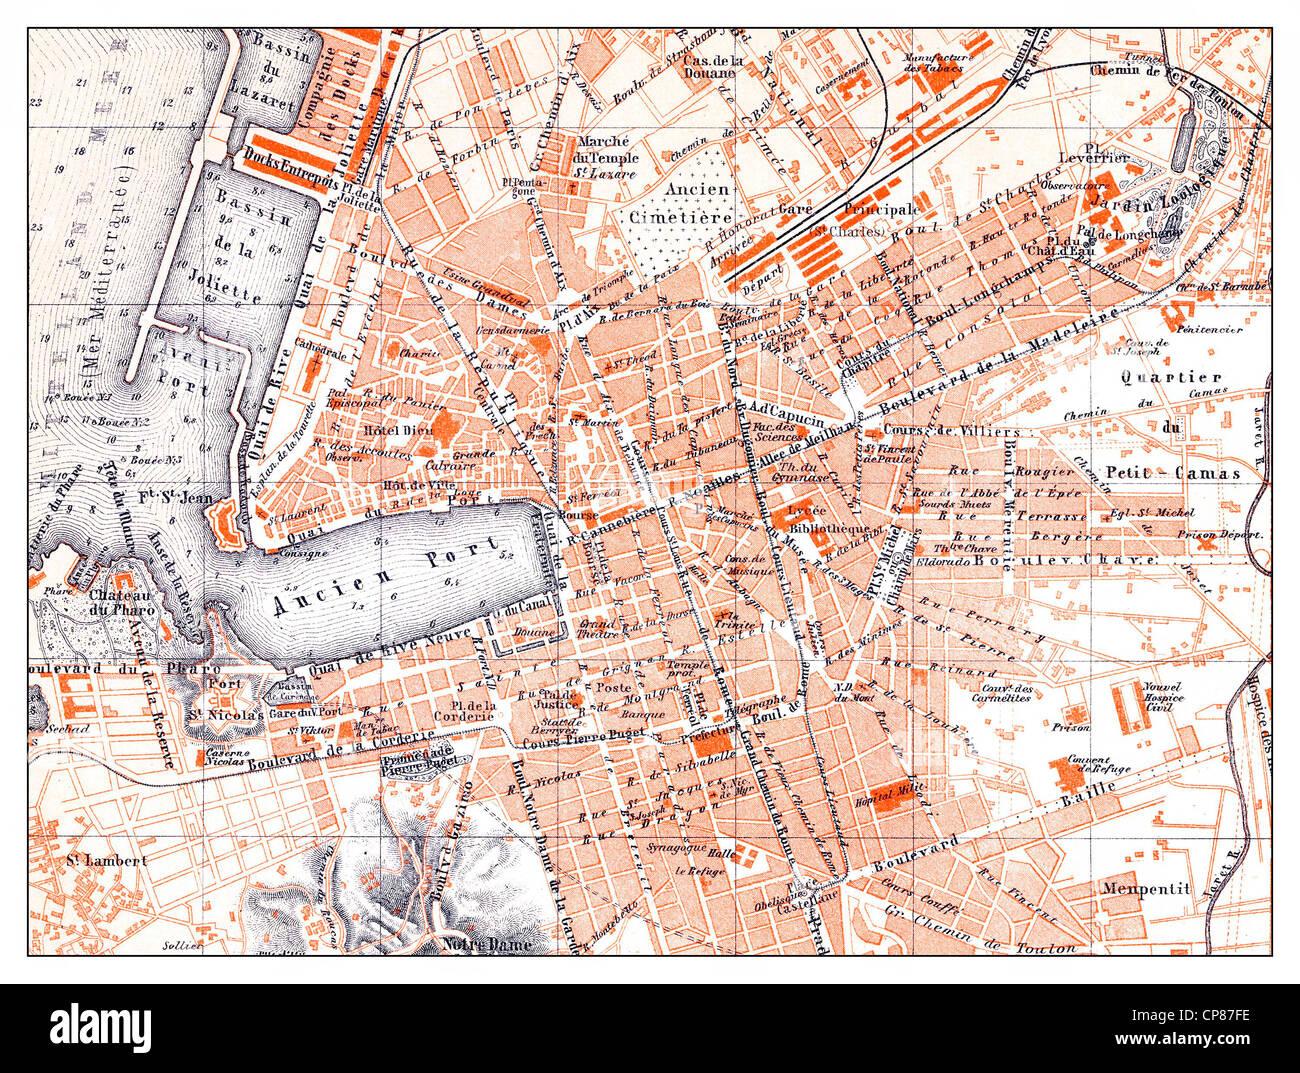 Mapa Histórico de Marsaille, Francia, Historische, zeichnerische Darstellung, Stadtplan von Marsaille, Frankreich, Imagen De Stock